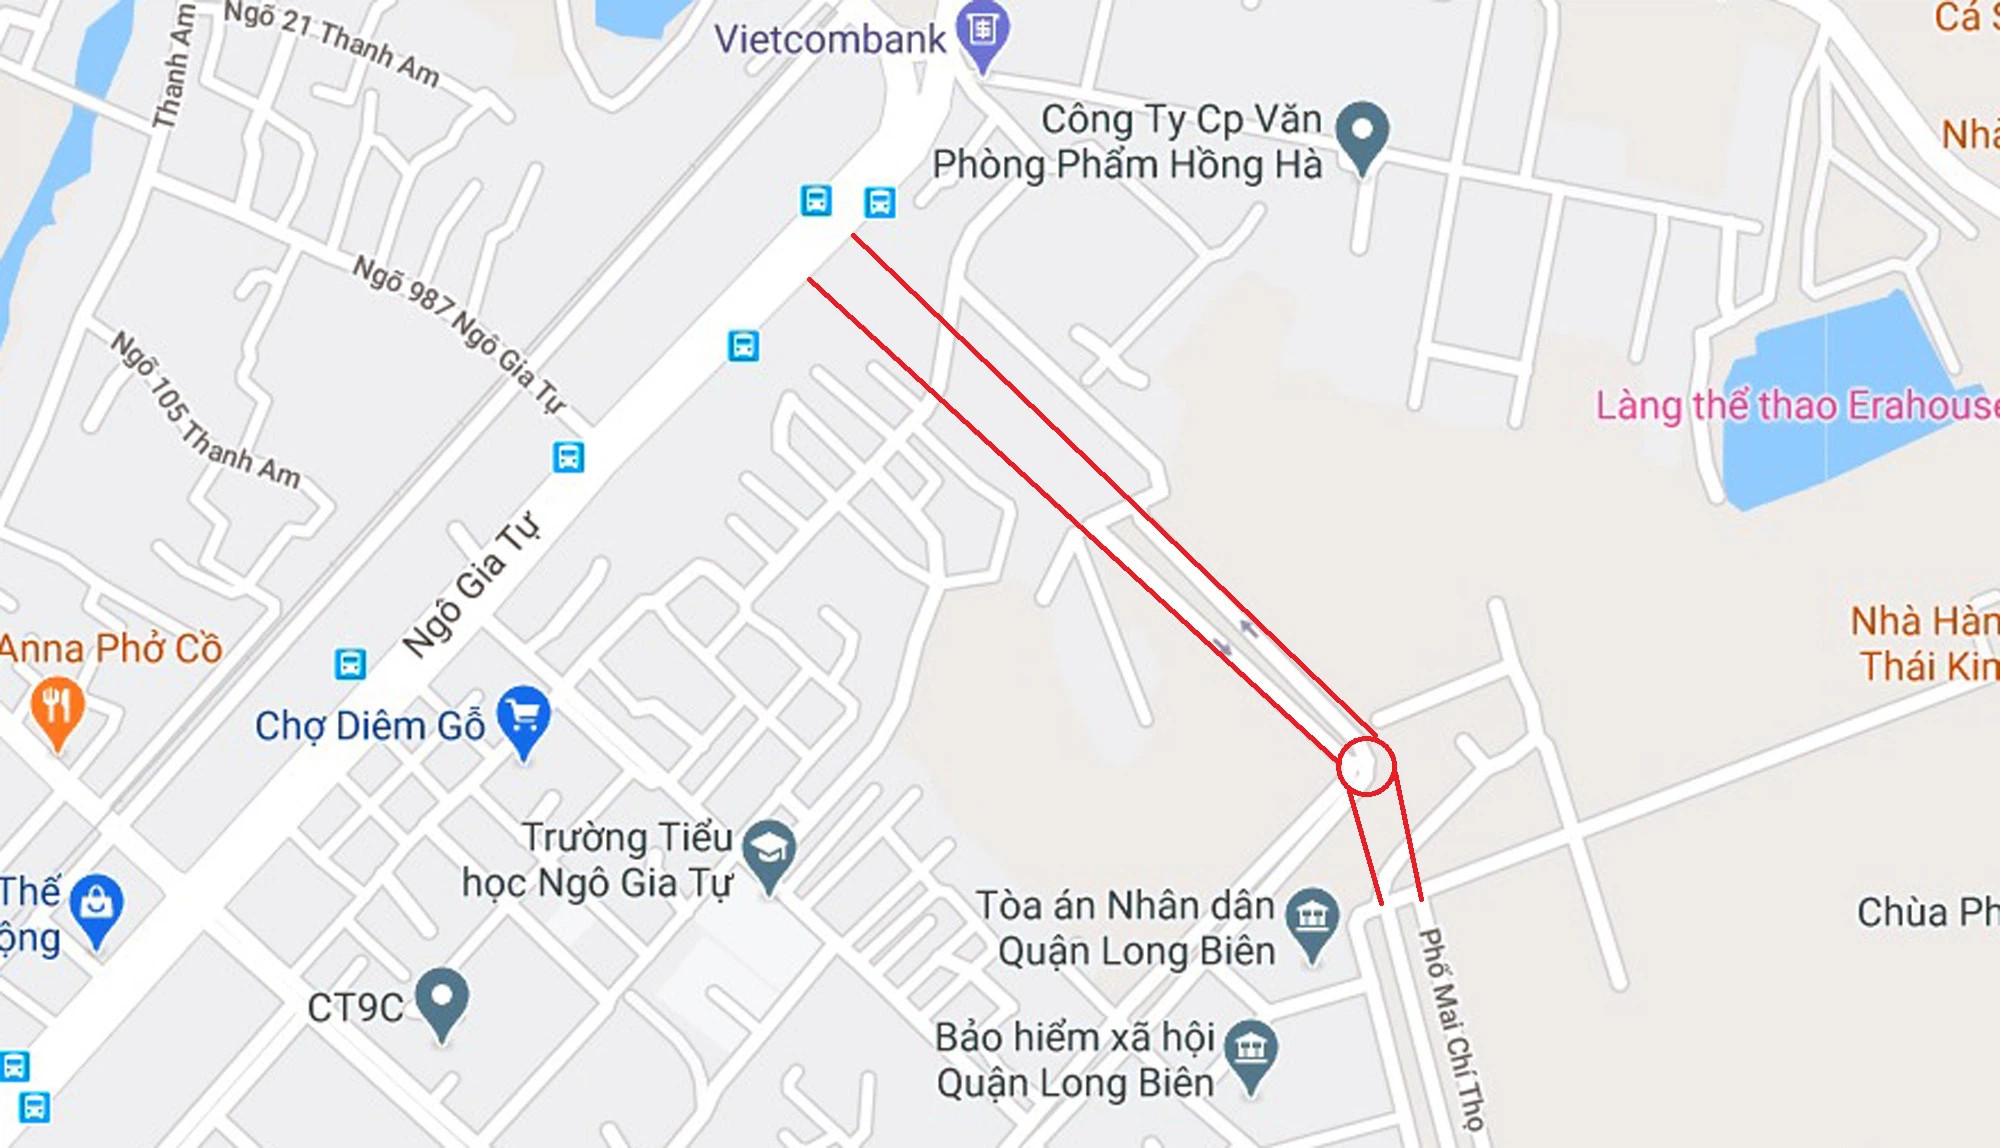 Tuyến đường kết nối KĐT Việt Hưng trực tiếp Phố Ngô Gia Tự mới sắp triển khai